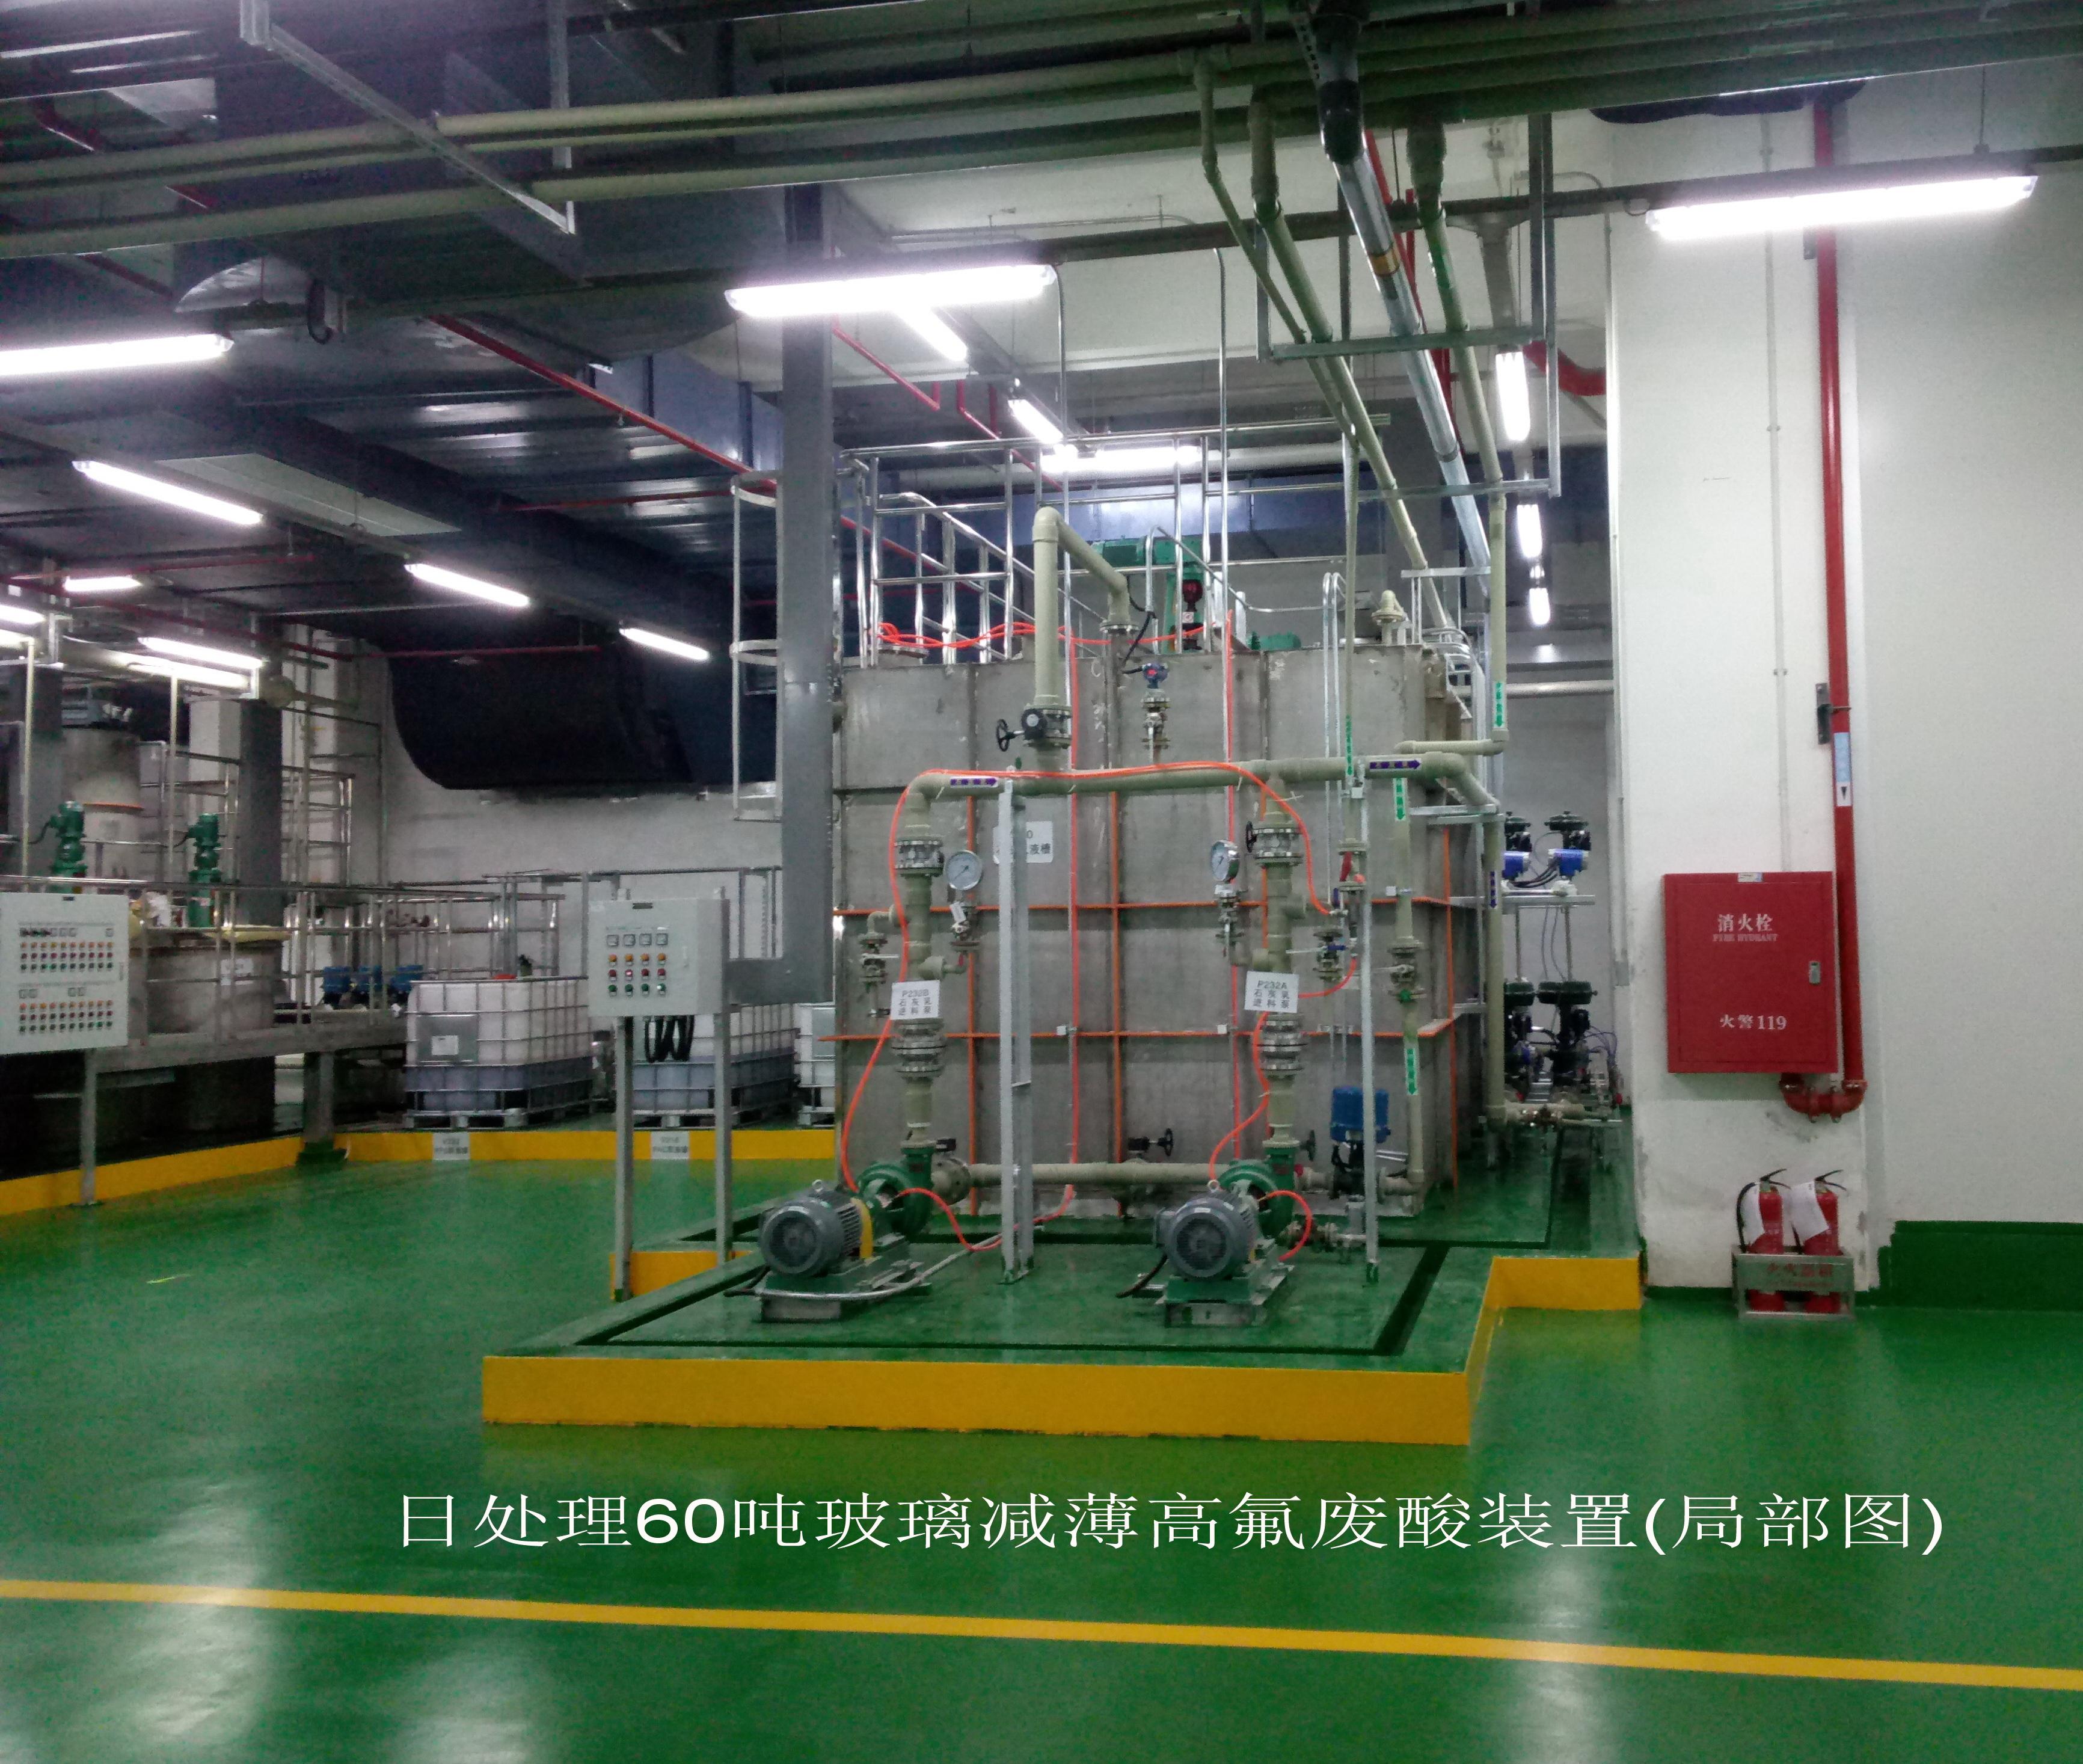 日处理60吨玻璃减薄高氟废酸装置